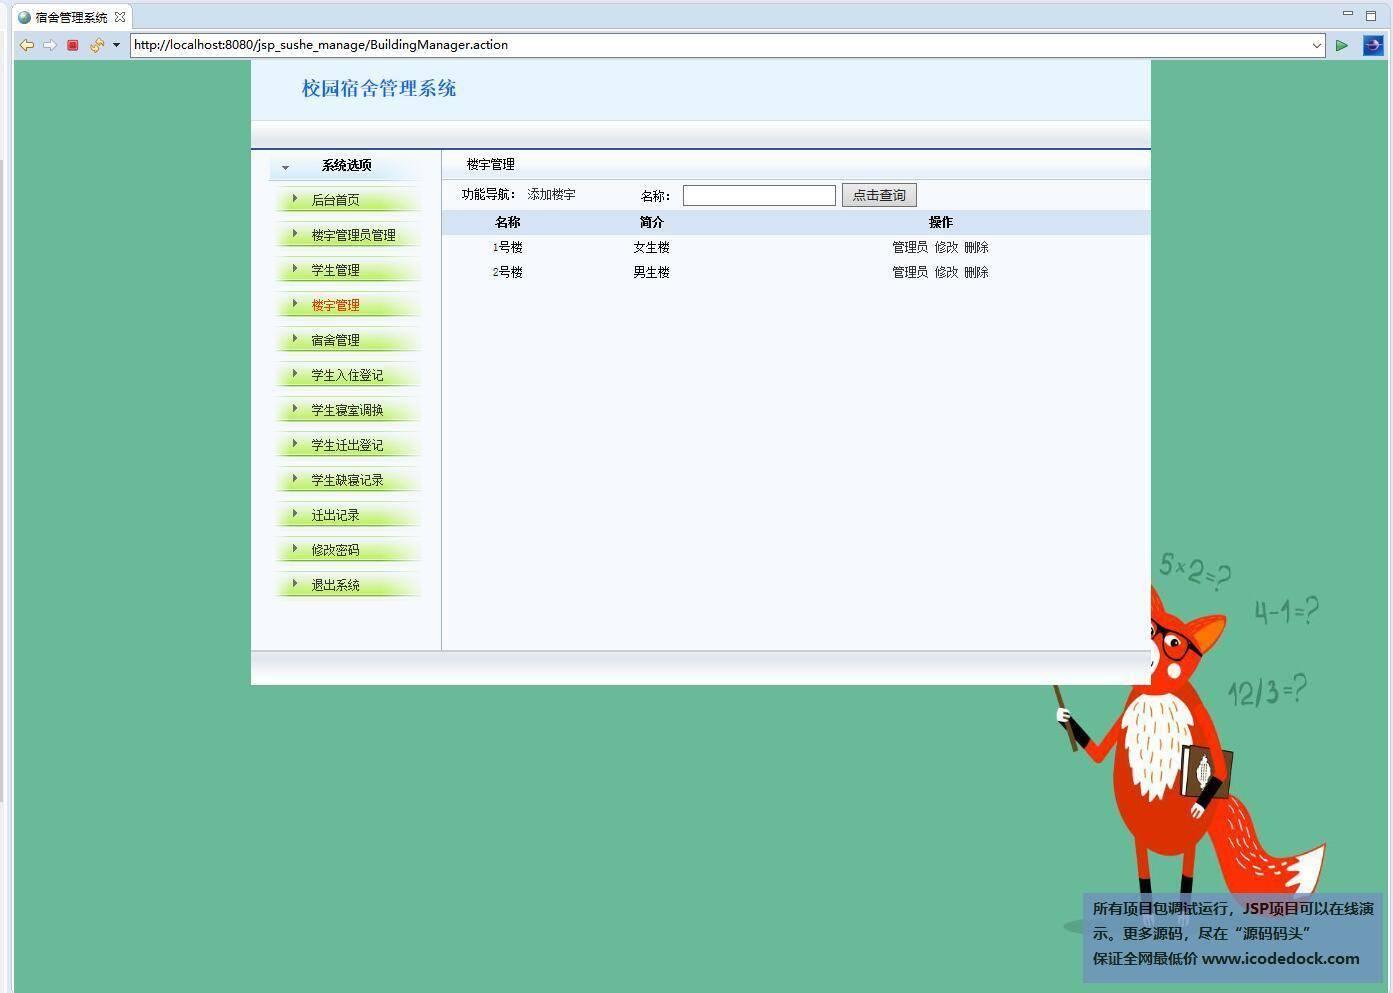 源码码头-JSP学校宿舍管理系统-系统管理员角色-楼宇管理